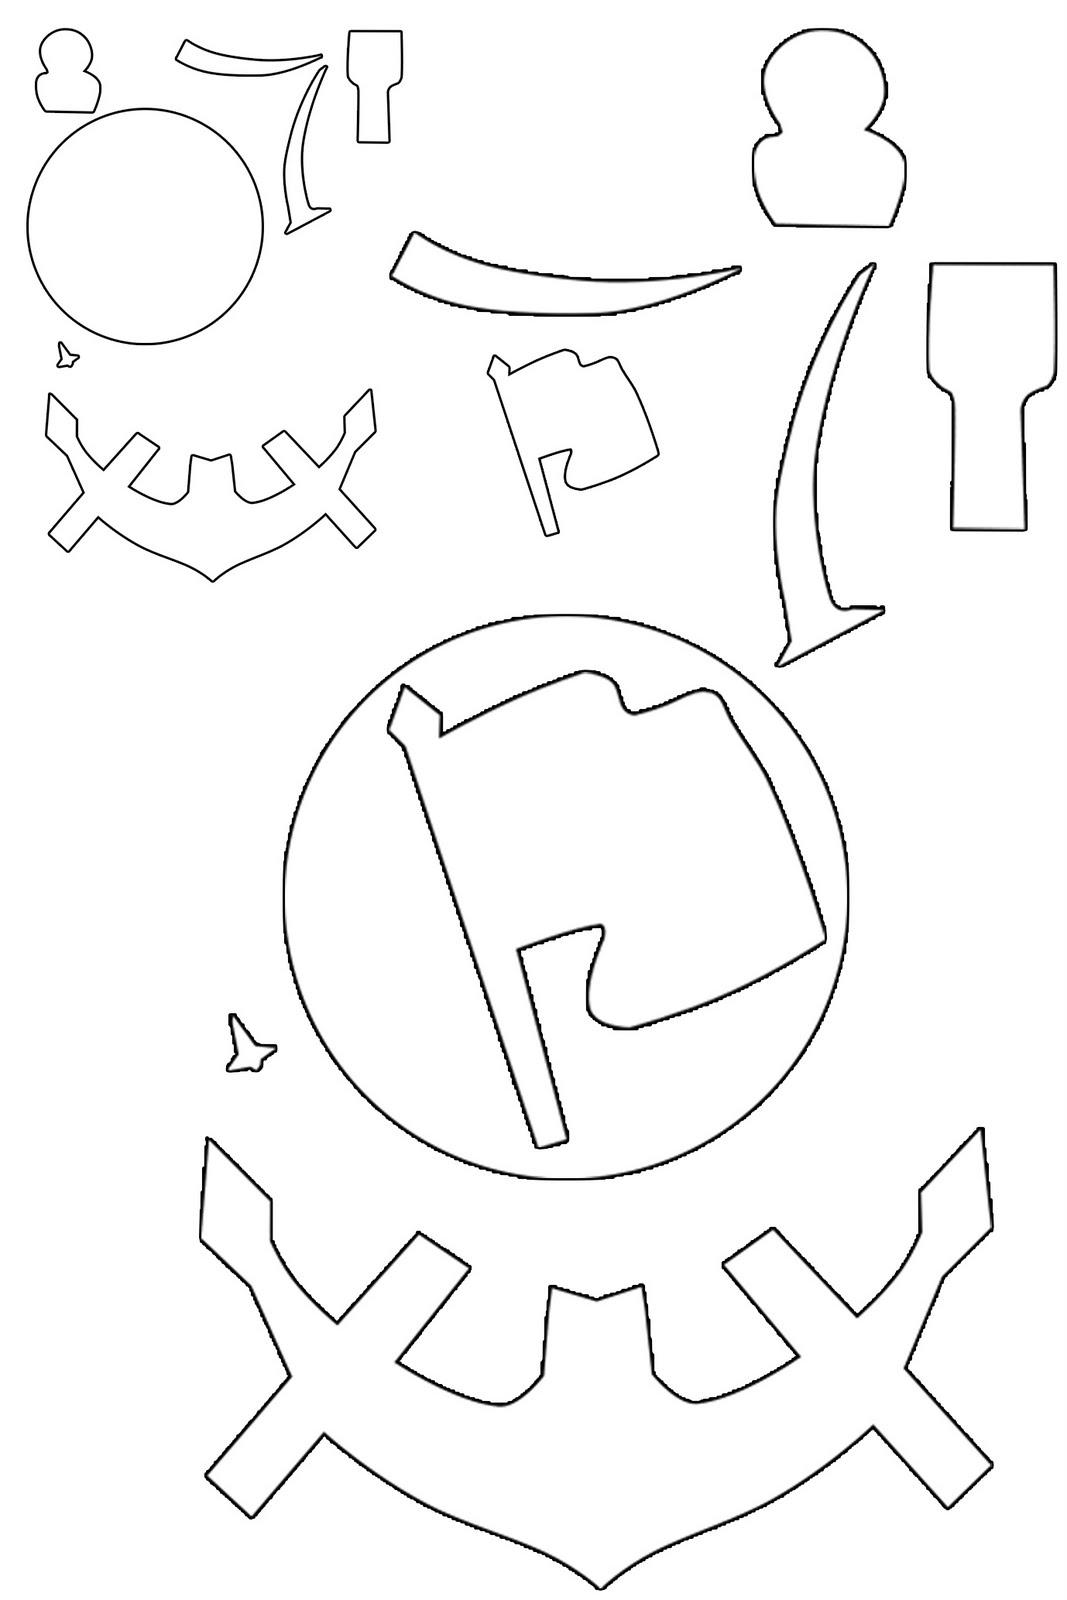 http://3.bp.blogspot.com/-k7XGyDi8bgU/Te_VUlnq5VI/AAAAAAAAArM/GeDTk0-hfdE/s1600/logo+do+corntians.jpg